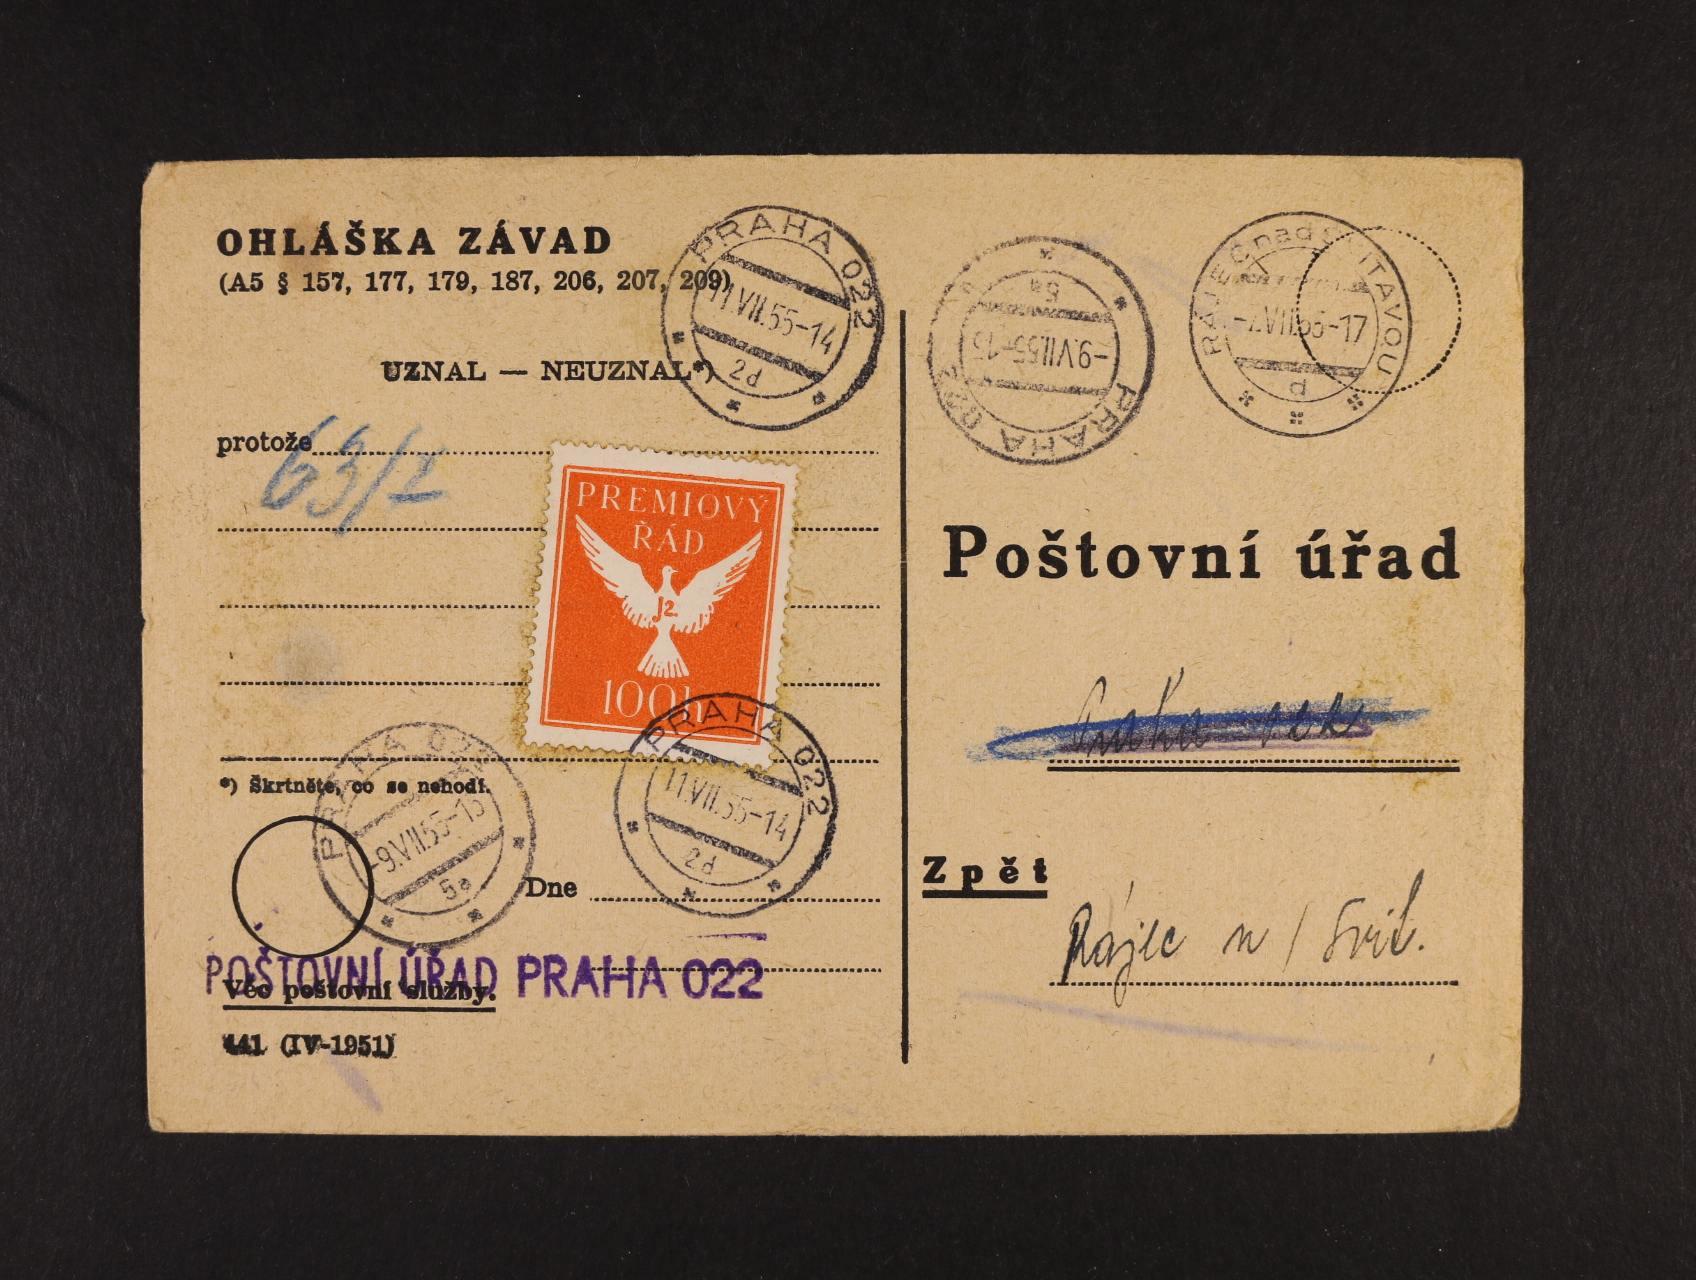 Prémiový řád - formulář Ohláška závad frank. zn. PŘ č. 4, zajímavé